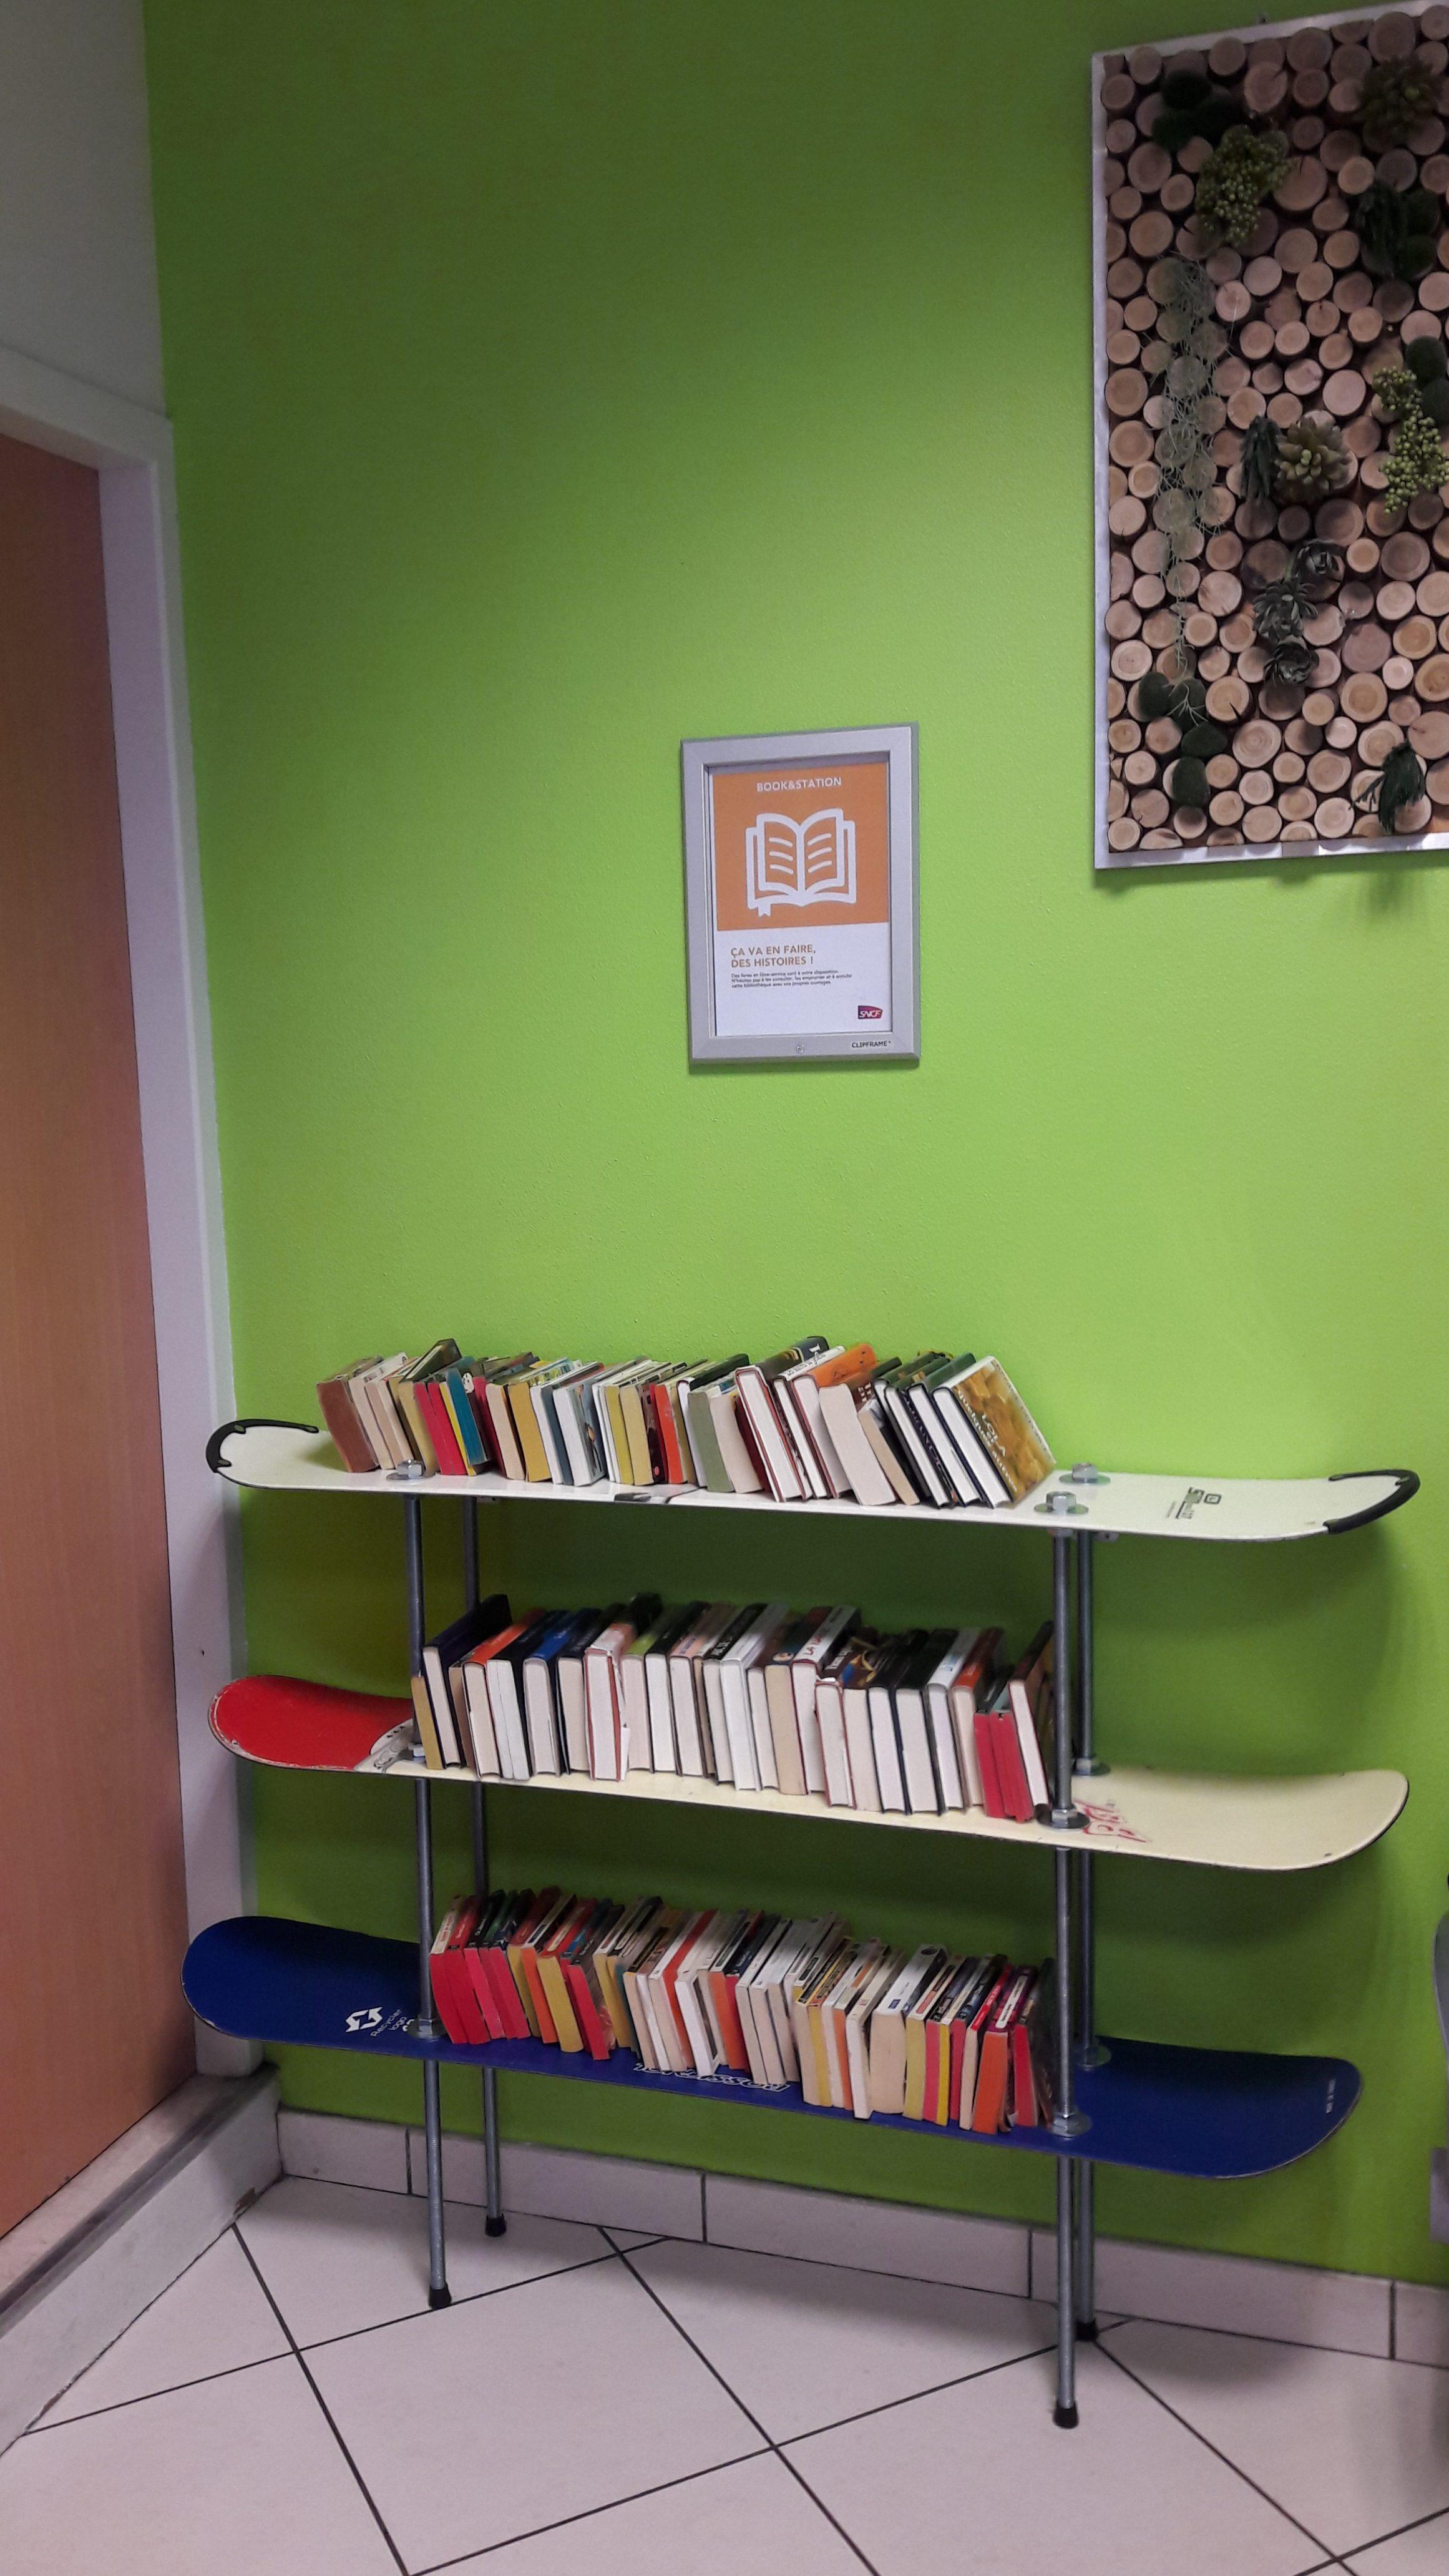 Nouvelle biblioth que libre en gare de chamb ry savoie - Association de recuperation meubles gratuit ...